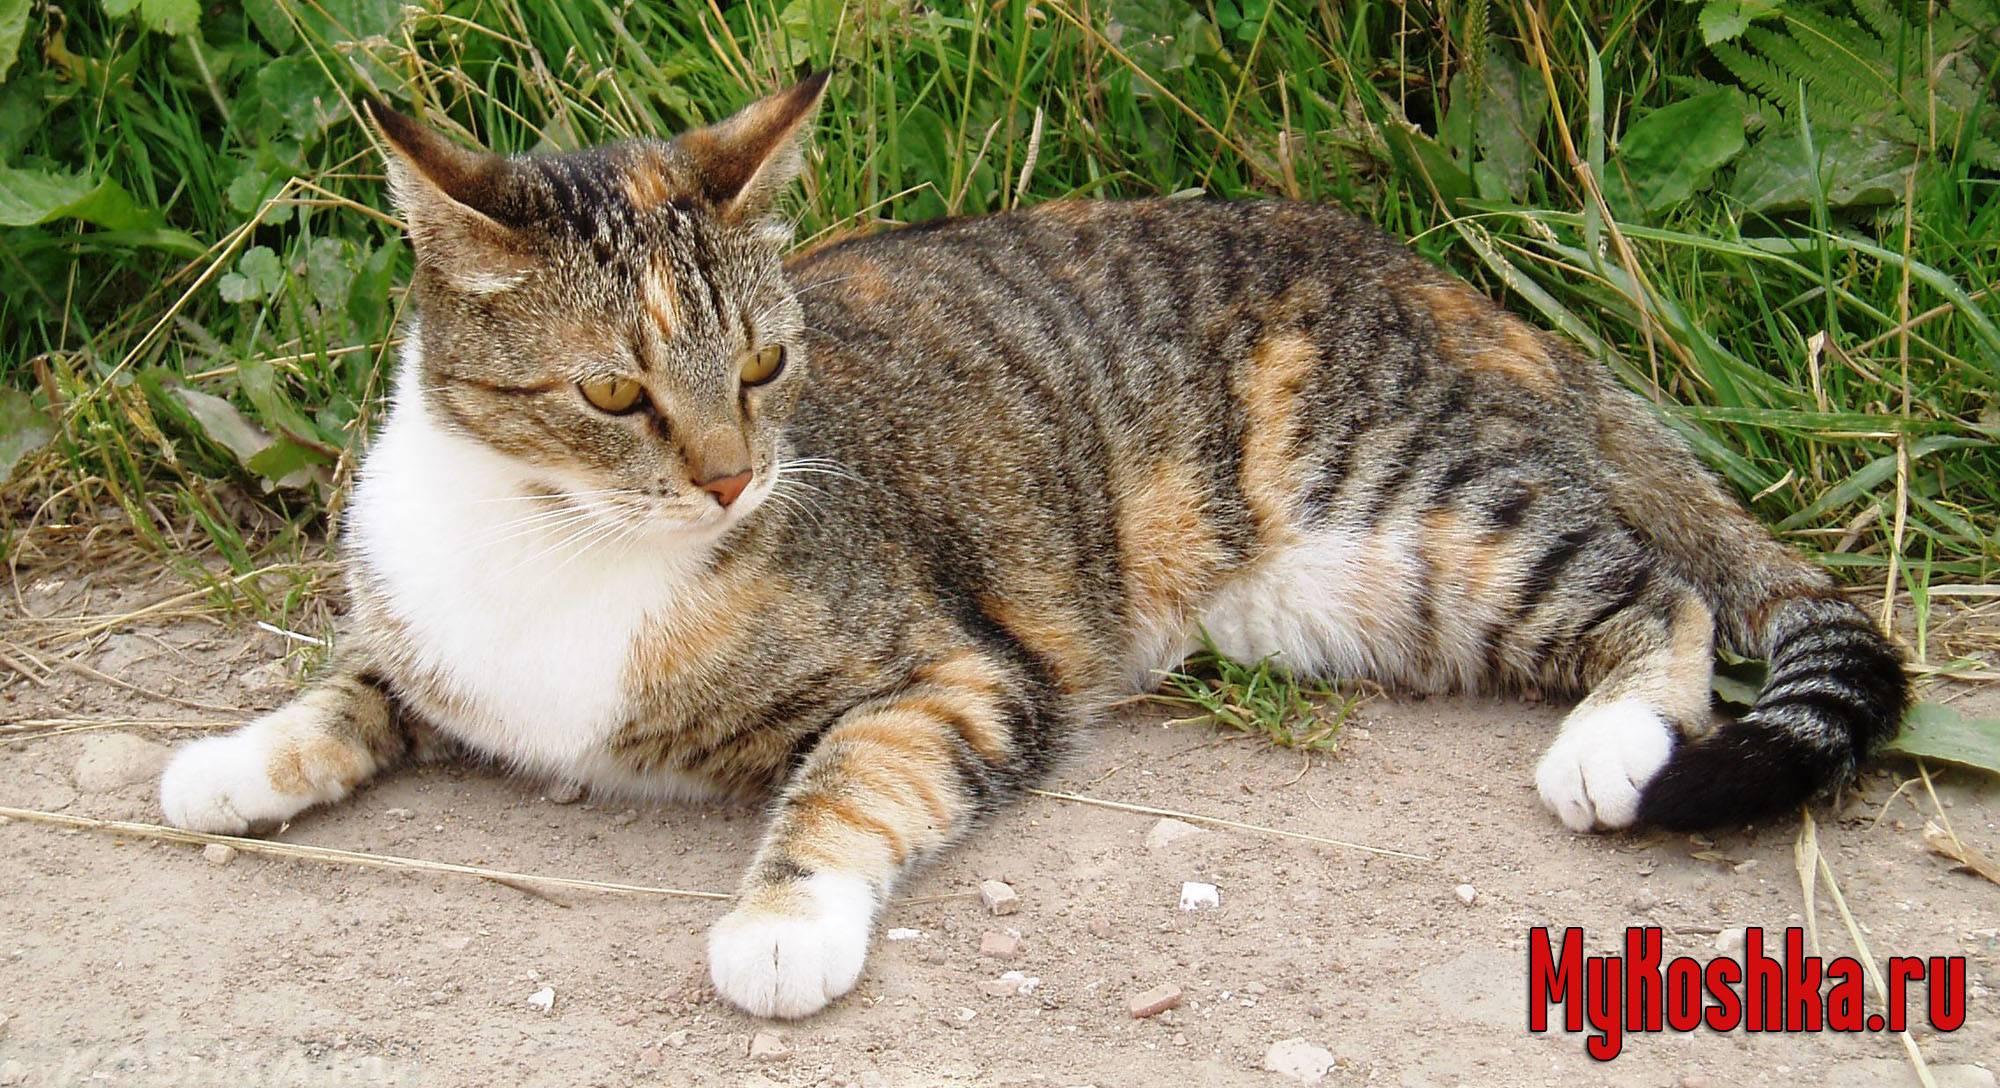 Если кошка потерялась она придет домой. как найти кошку если она убежала из квартиры, потерялась, на улице если не отзывается и боится всего, дома, в лесу и на даче